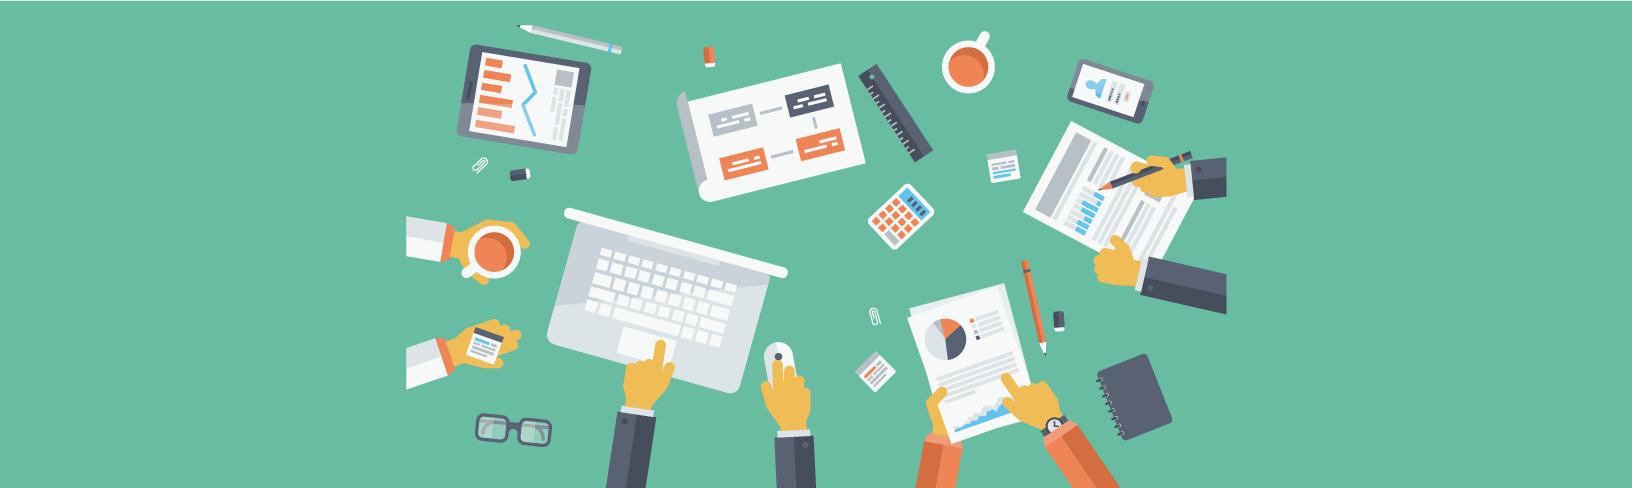 Illustration stratégie de communication digitale